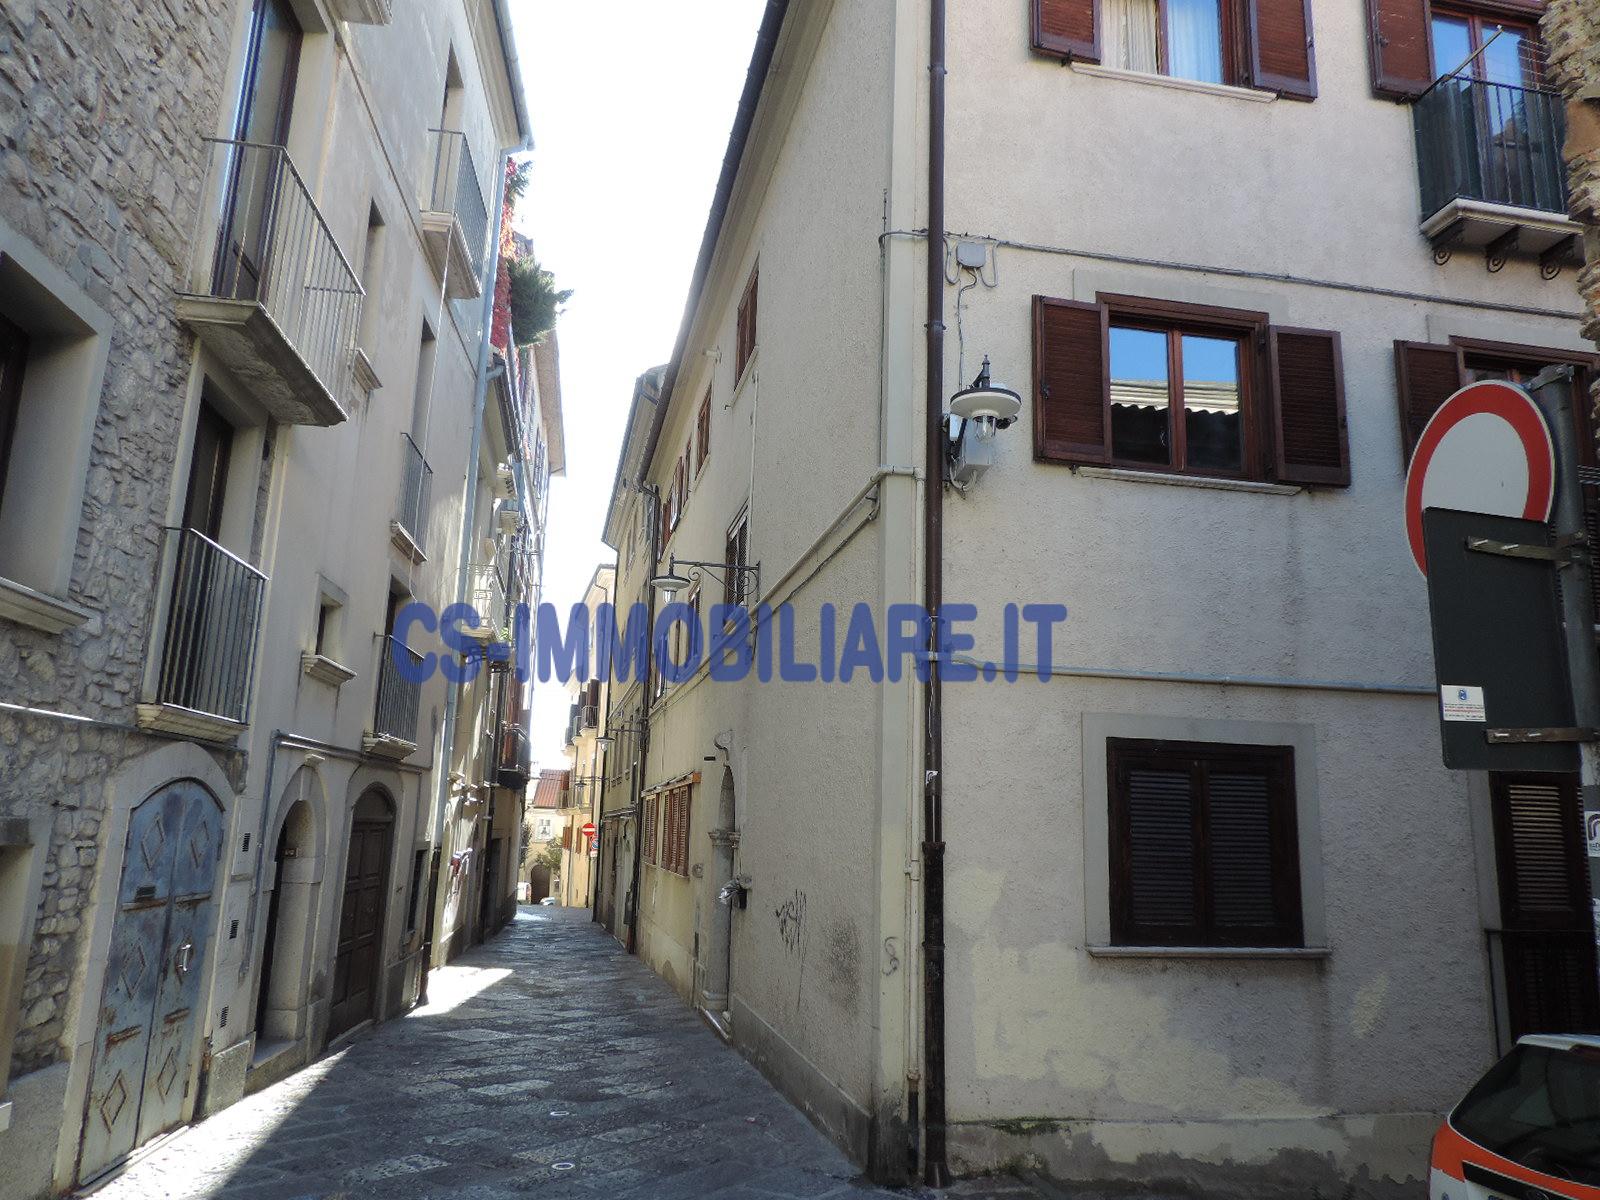 Appartamento in affitto a Potenza, 2 locali, zona Località: Centro, prezzo € 400 | CambioCasa.it